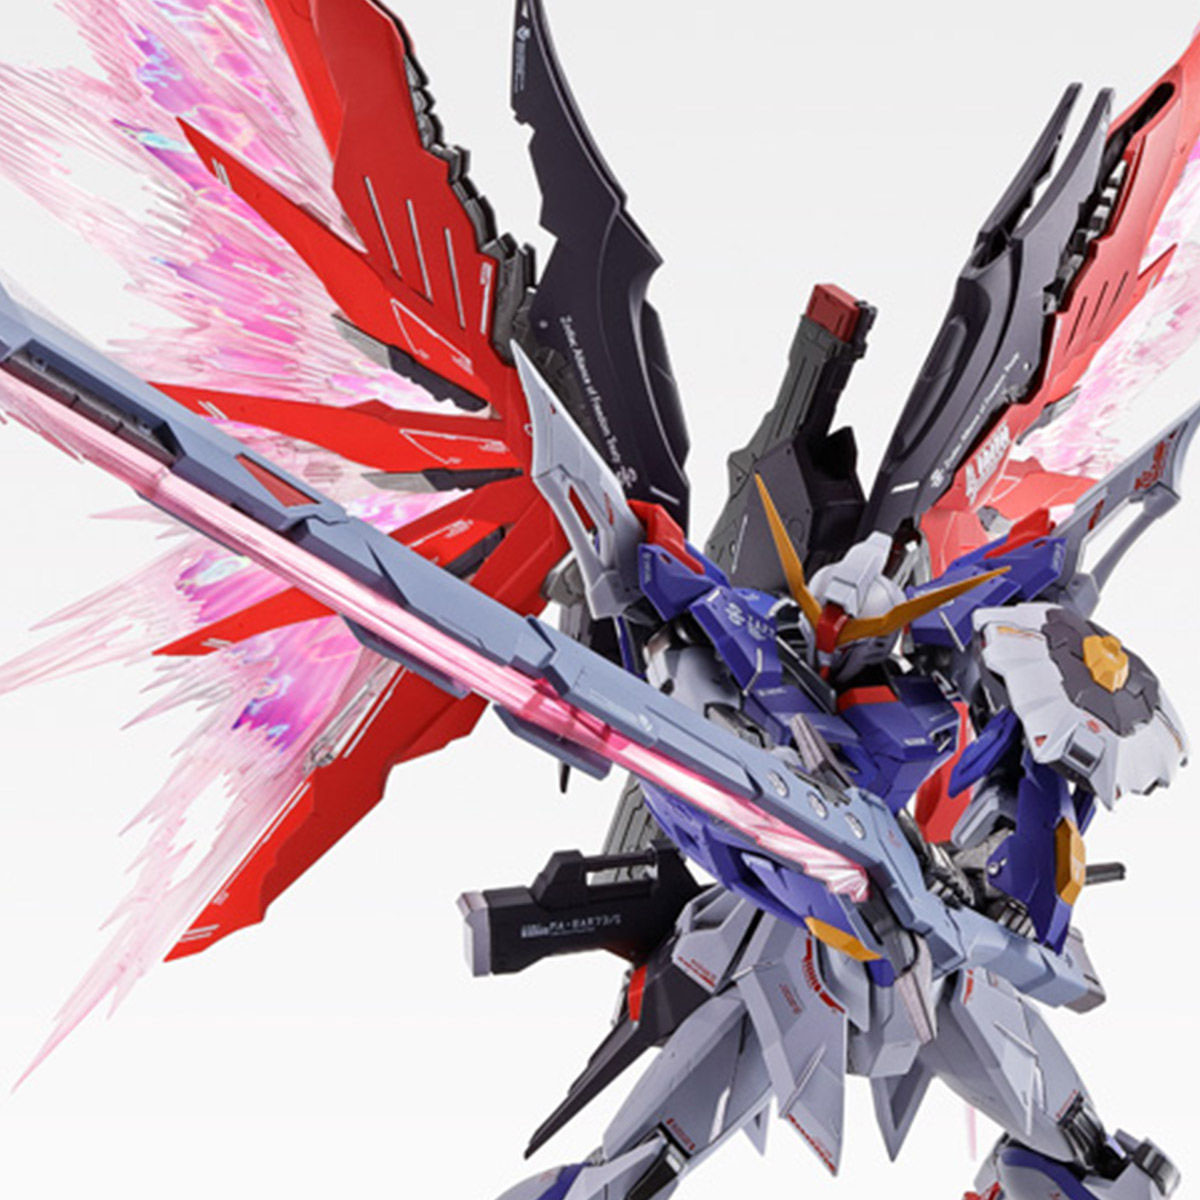 【限定販売】METAL BUILD『デスティニーガンダム SOUL RED Ver.』機動戦士ガンダムSEED DESTINY 可動フィギュア-001